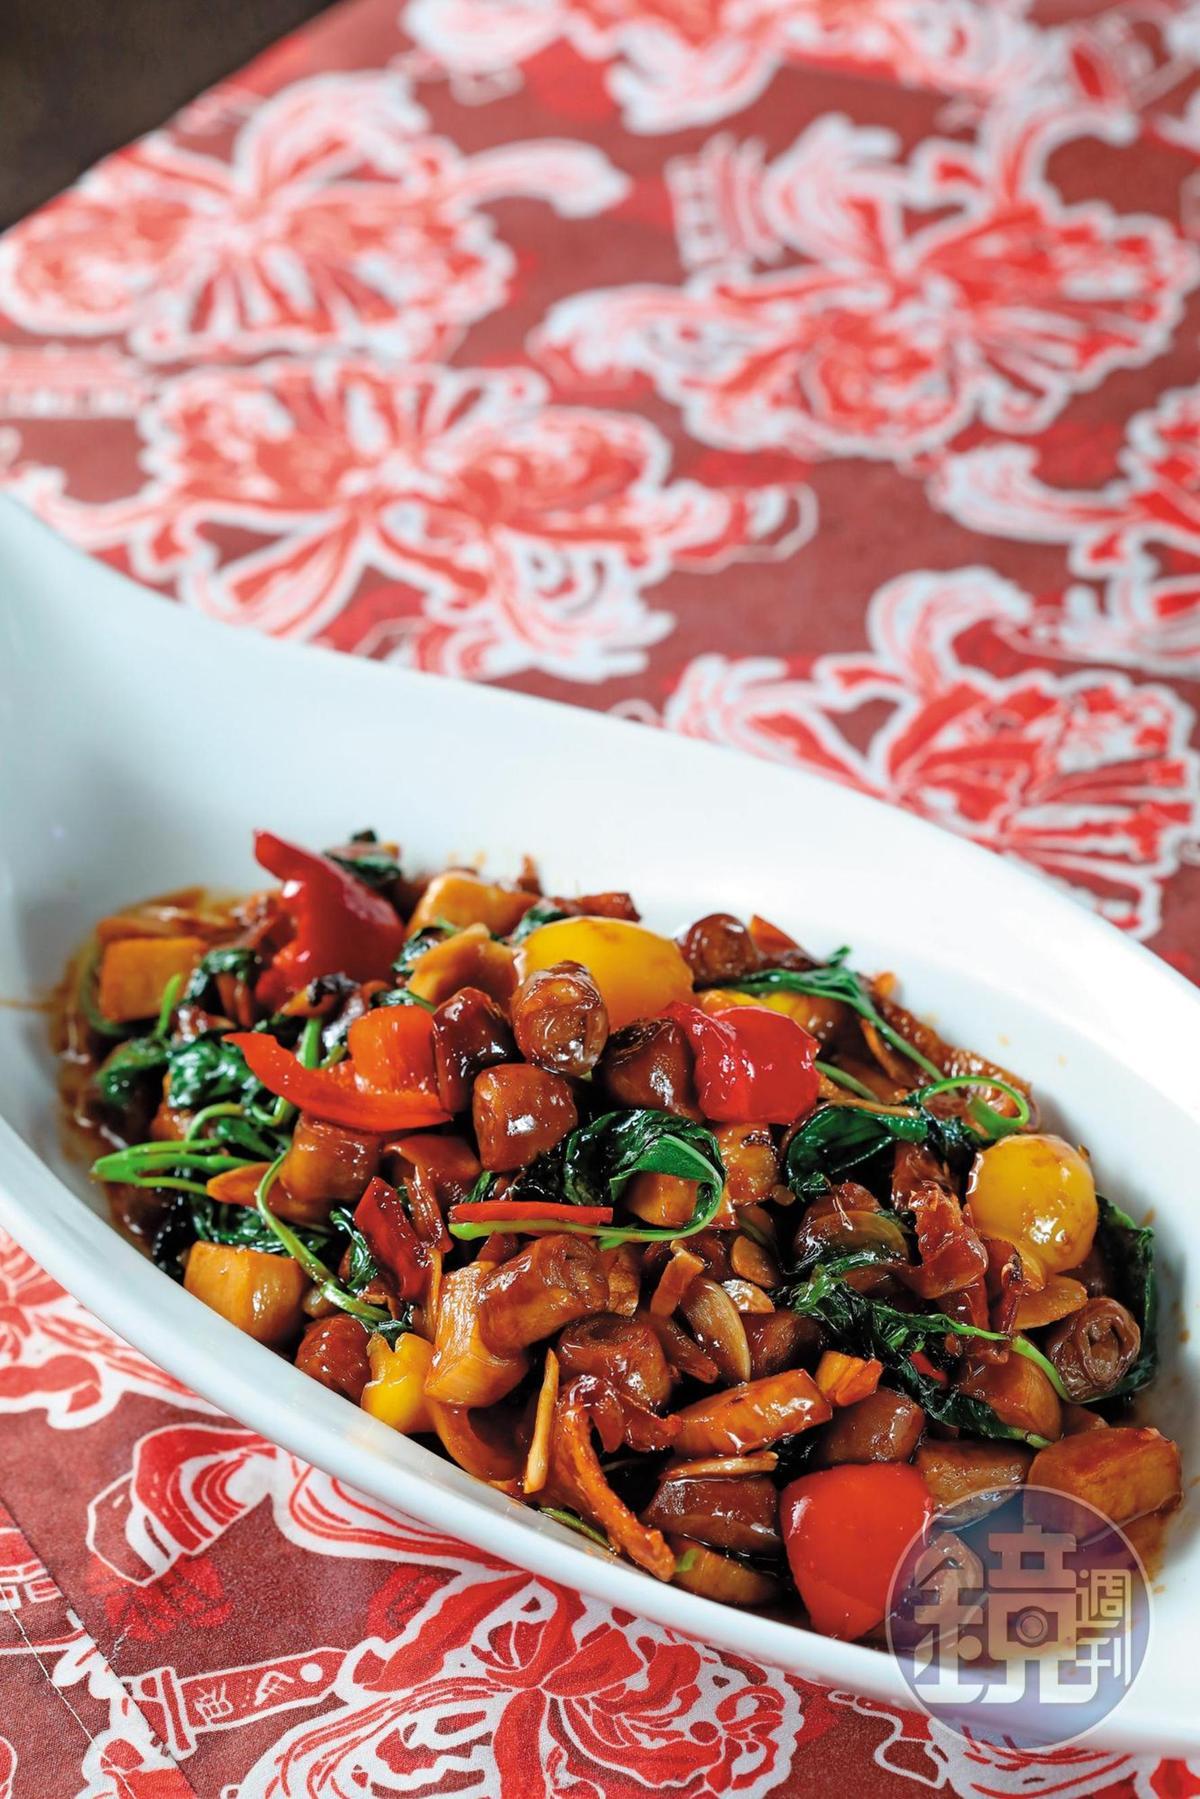 「三杯腸套腸」看似簡單,卻是黃克文親自將三層小腸套在一起的功夫菜。(5,000元桌菜菜色)